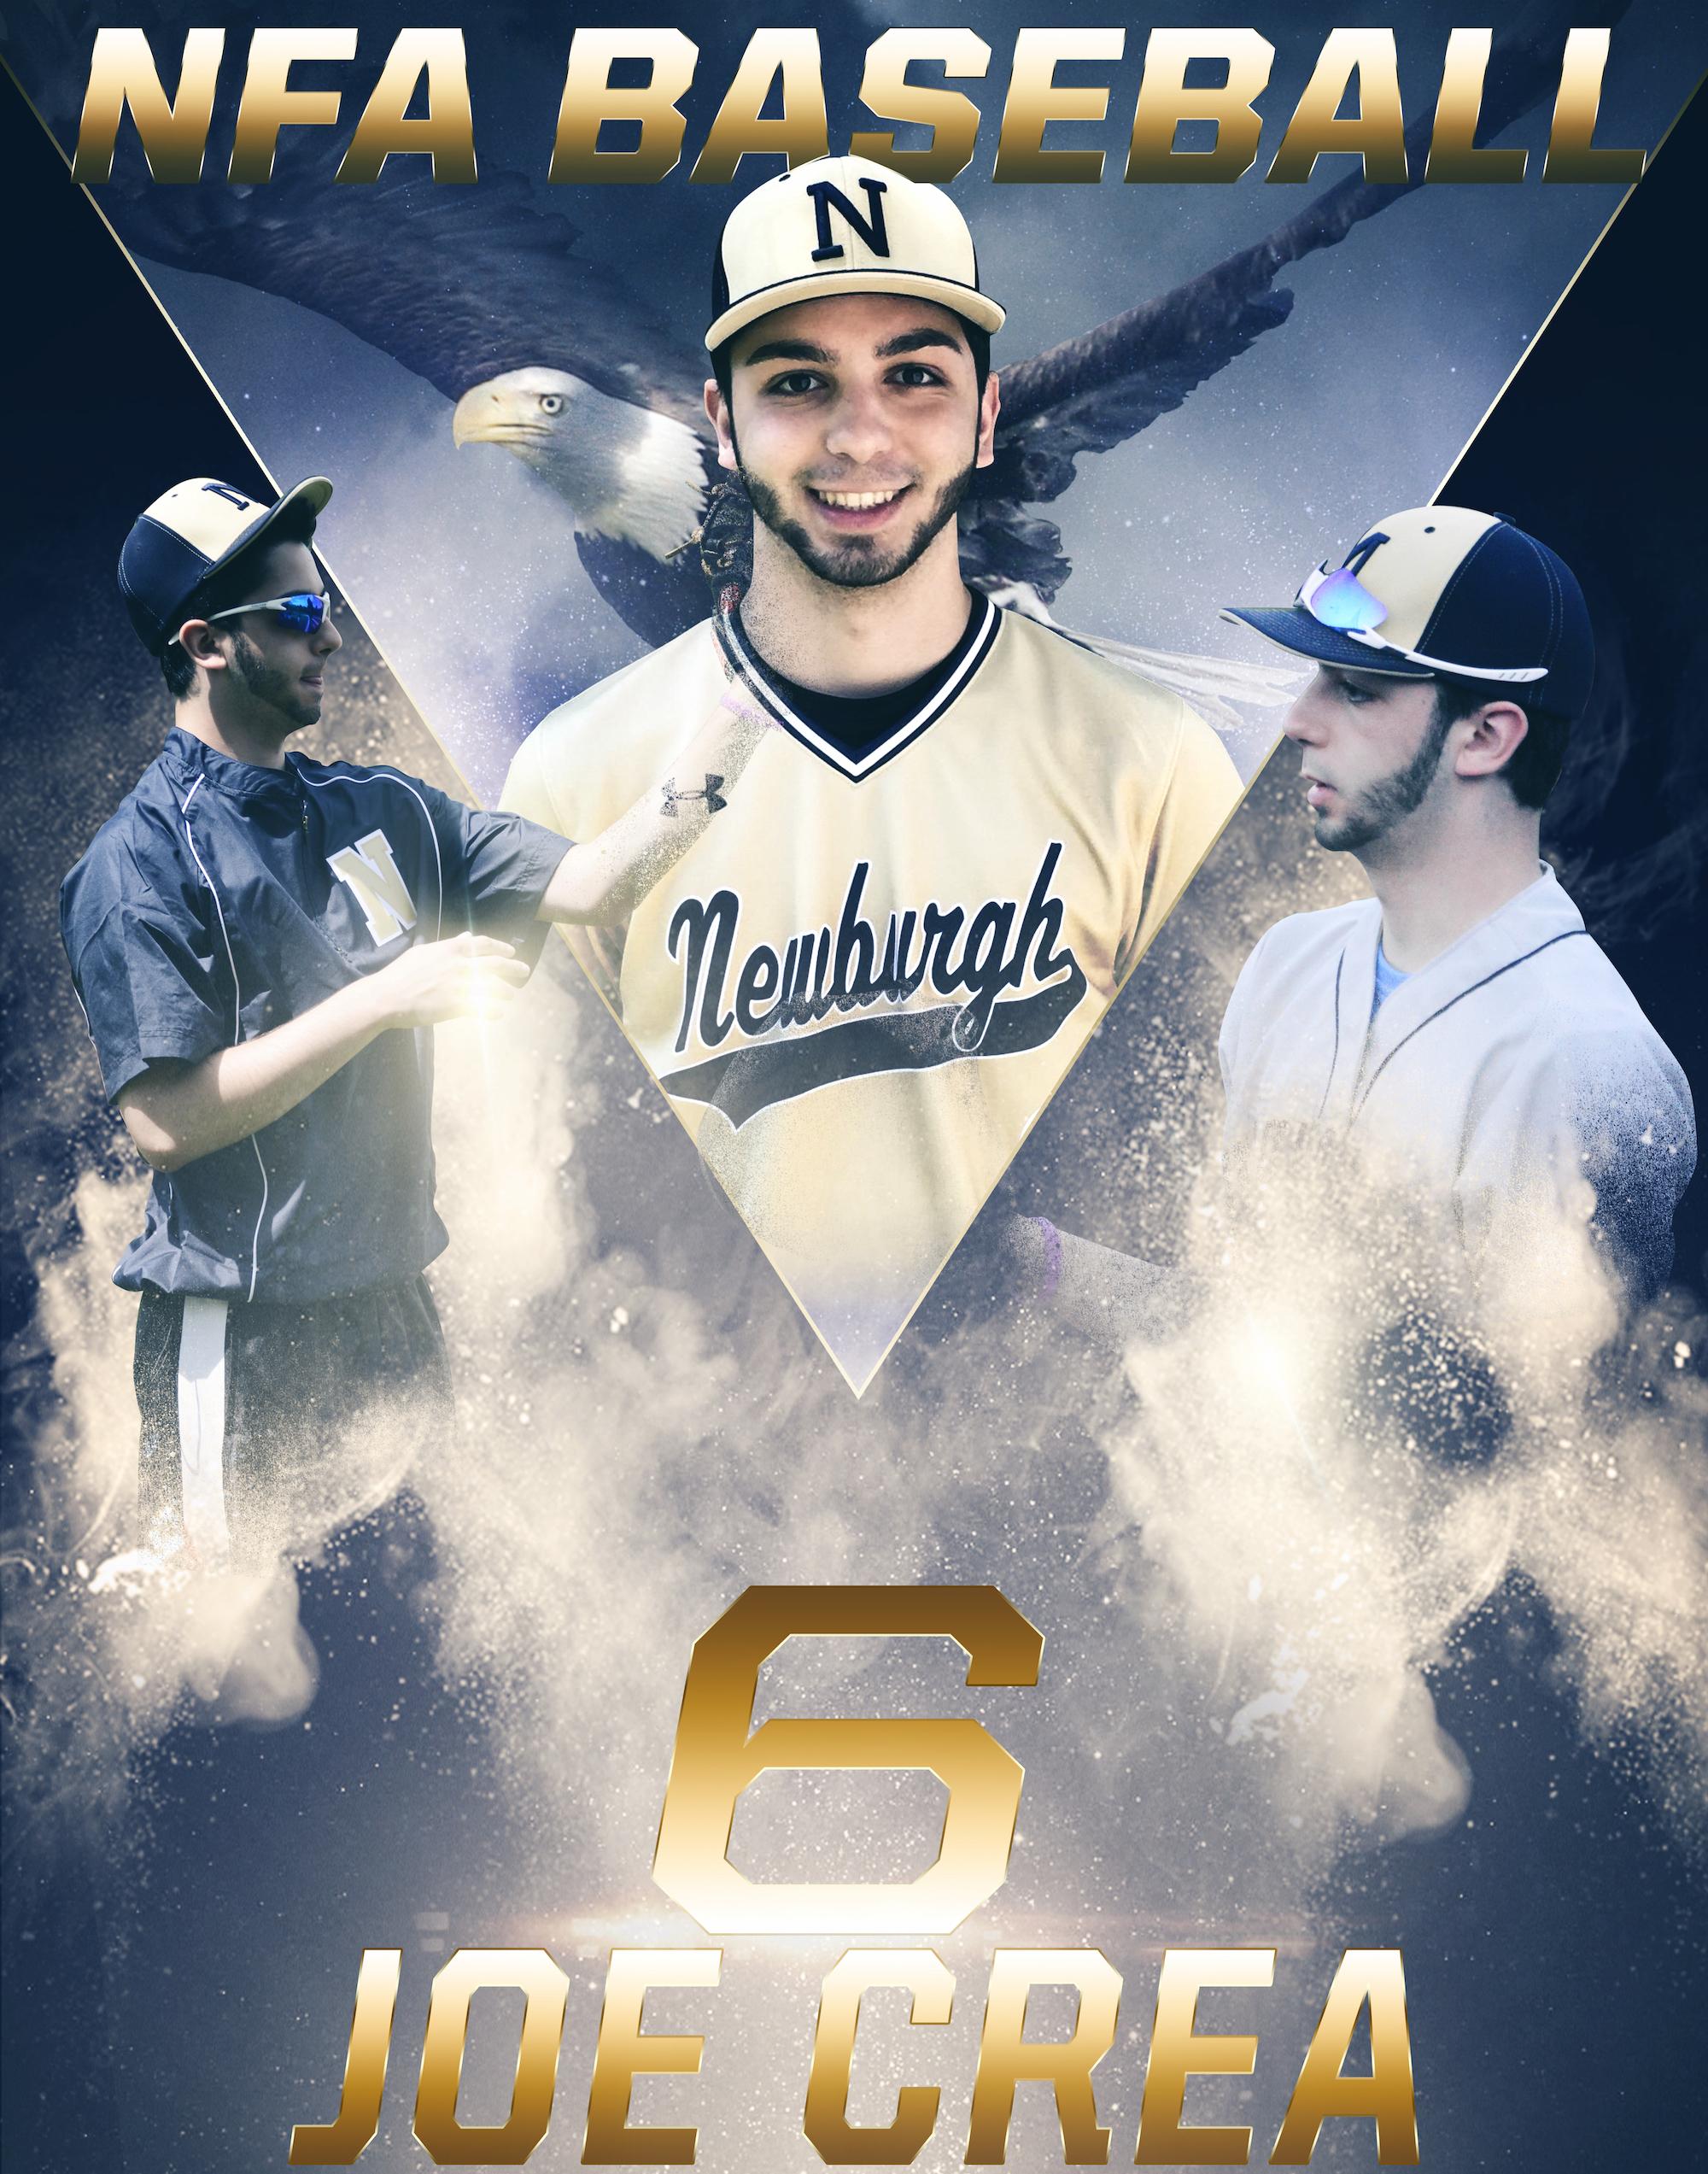 Joe Crea - Goldbacks Baseball